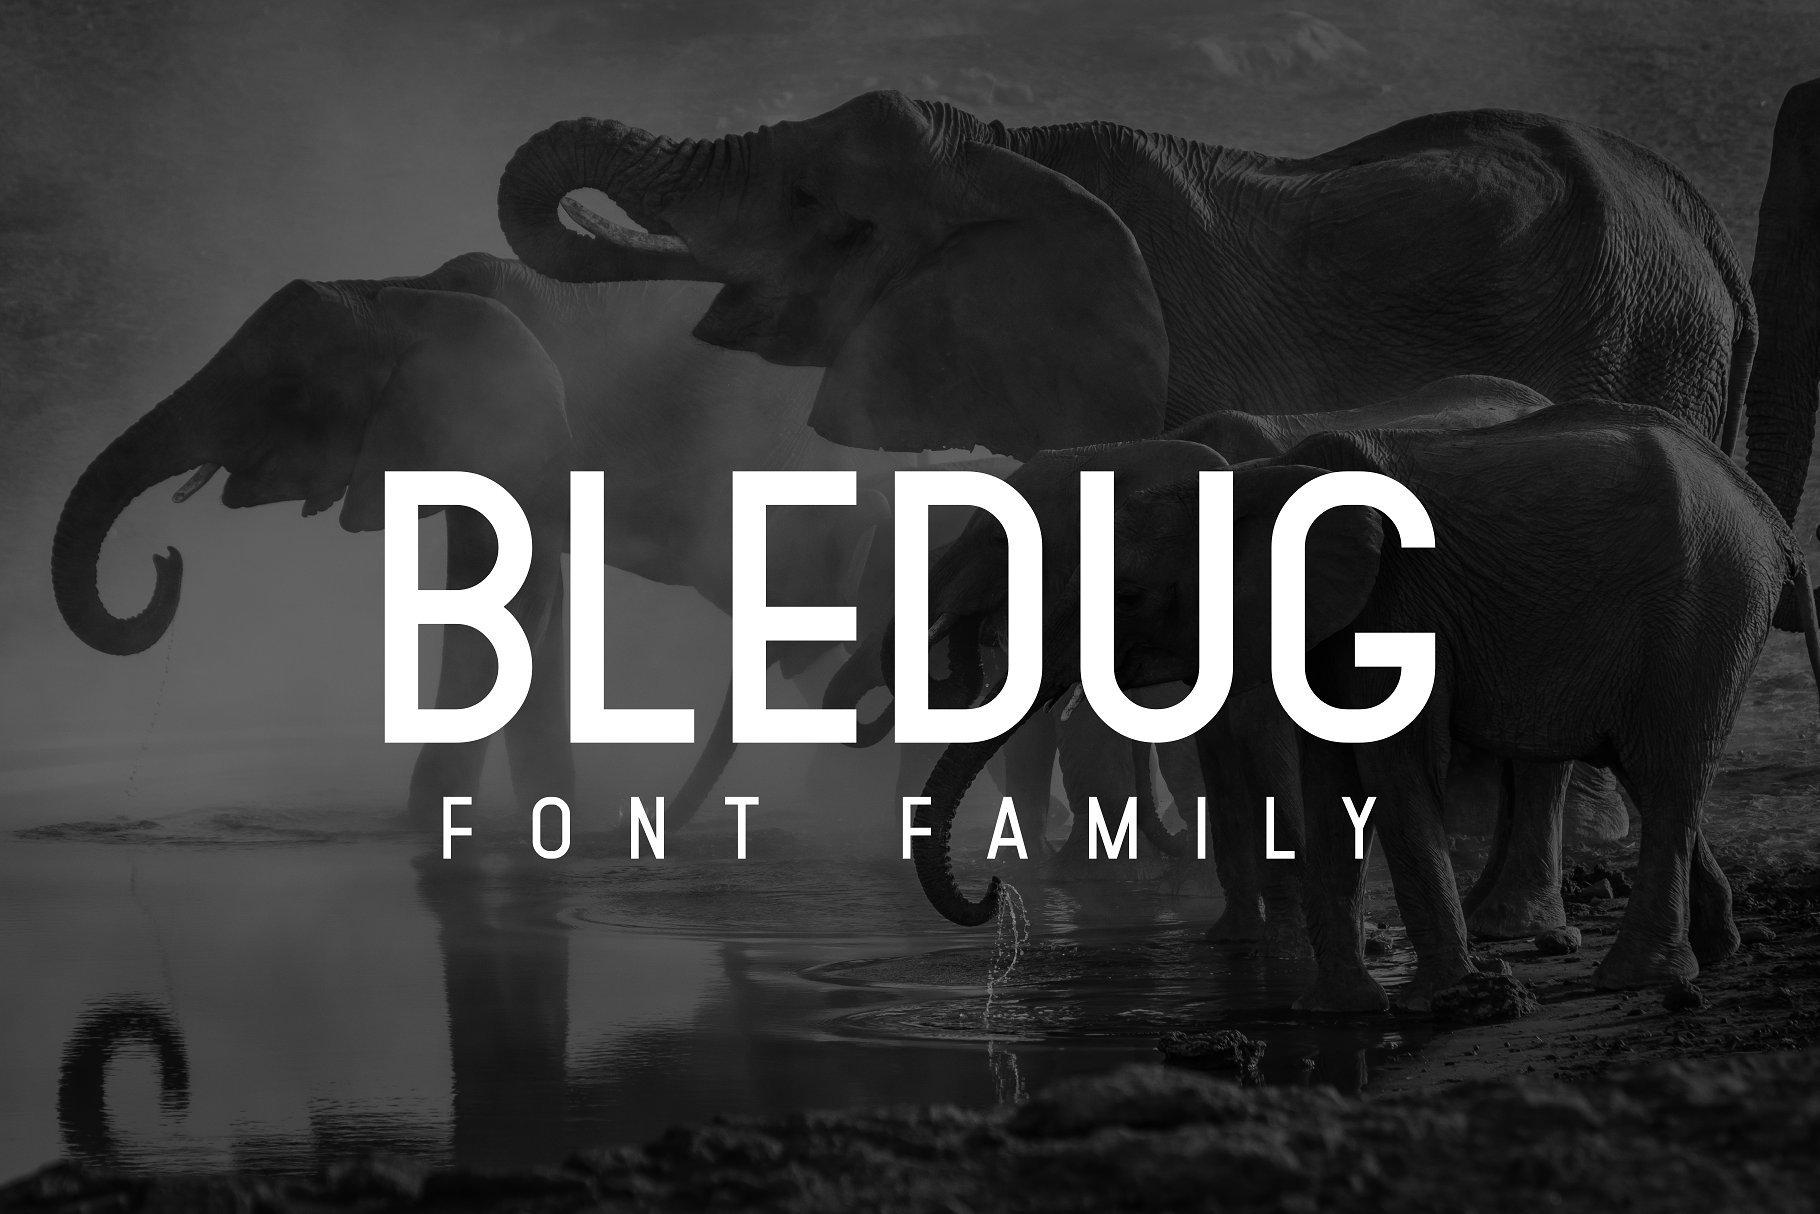 bledug-font-family